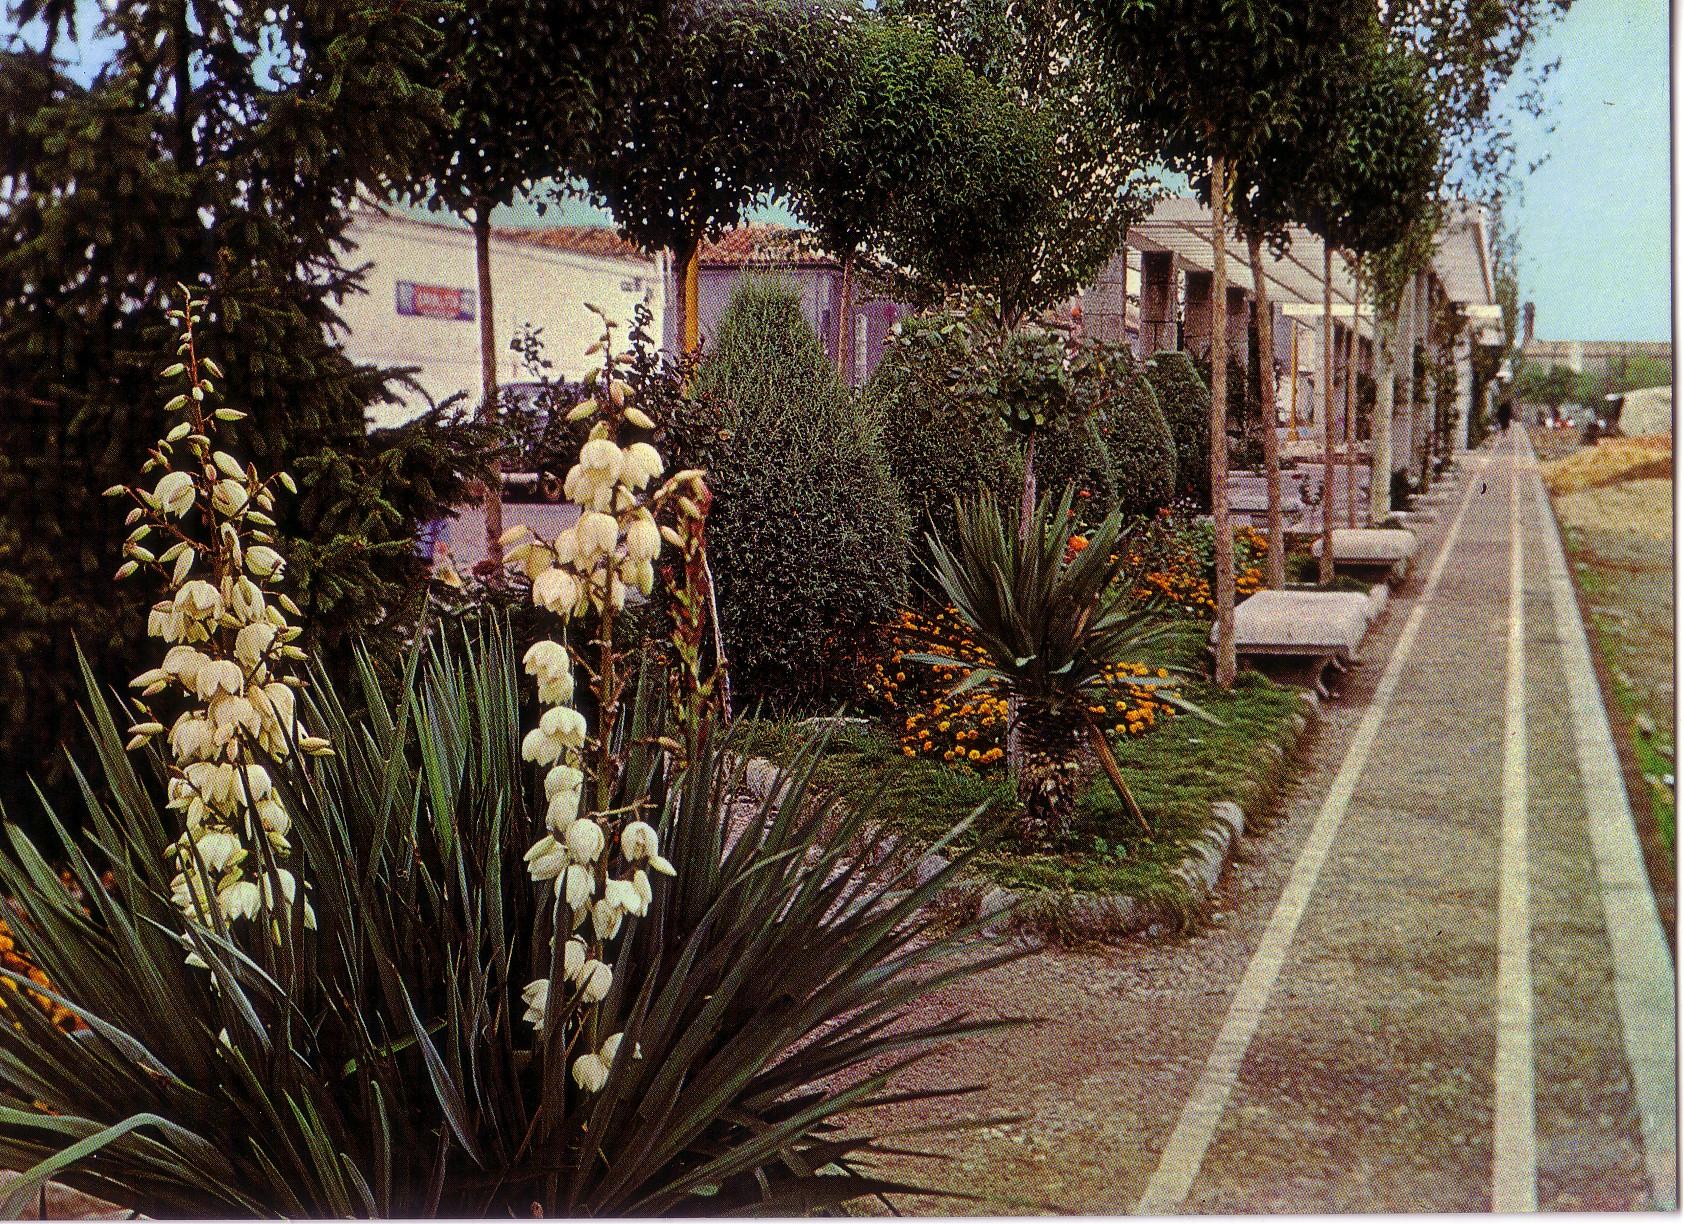 Zona ajardinada y Pérgolas. Archivo F. Negrete